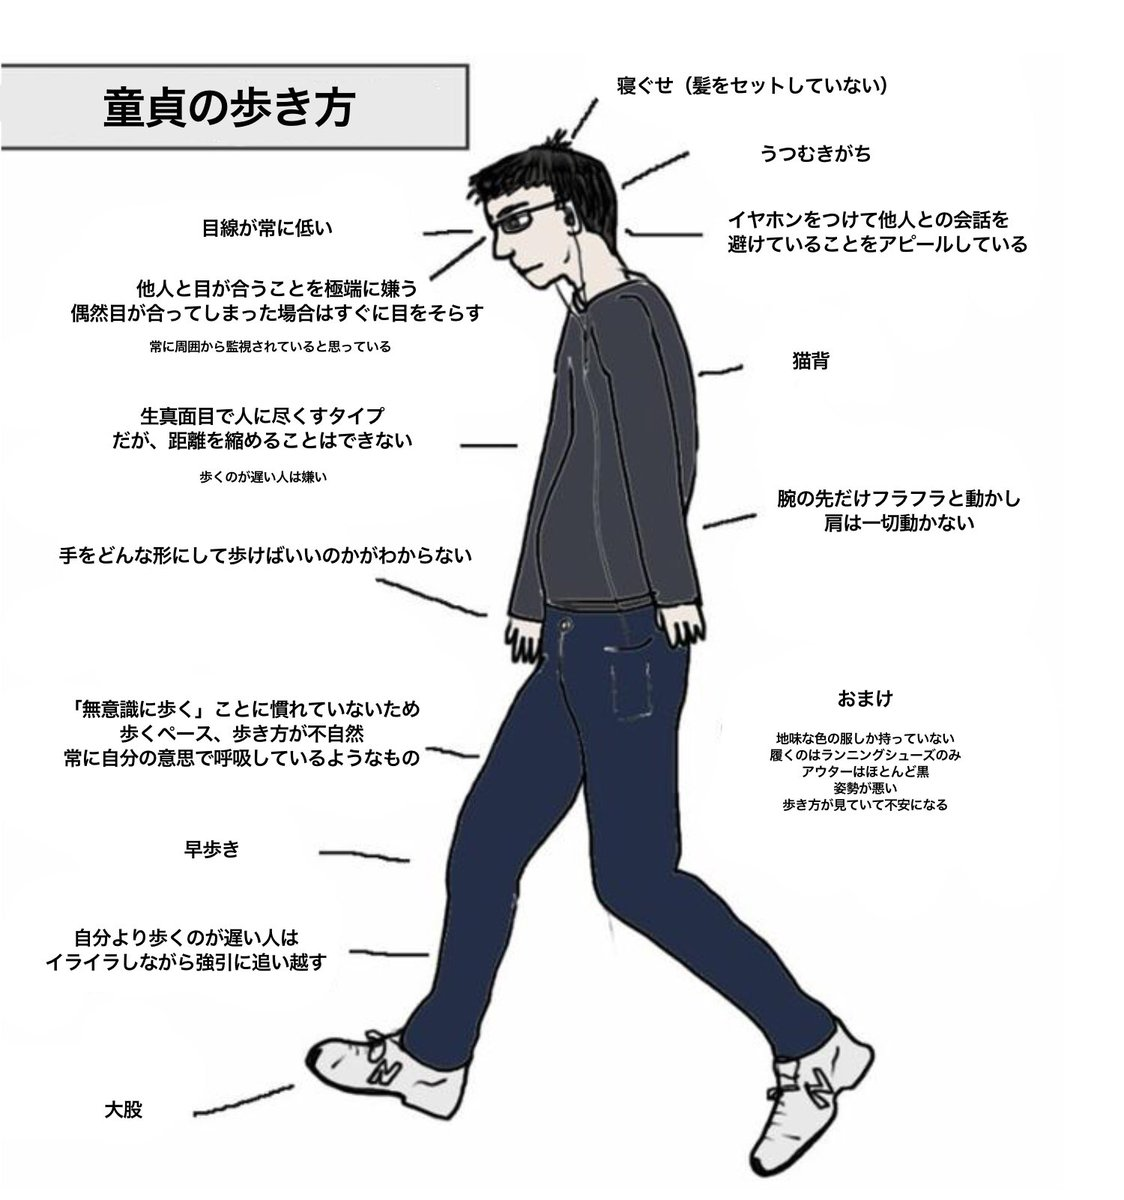 【画像】童貞の歩き方www